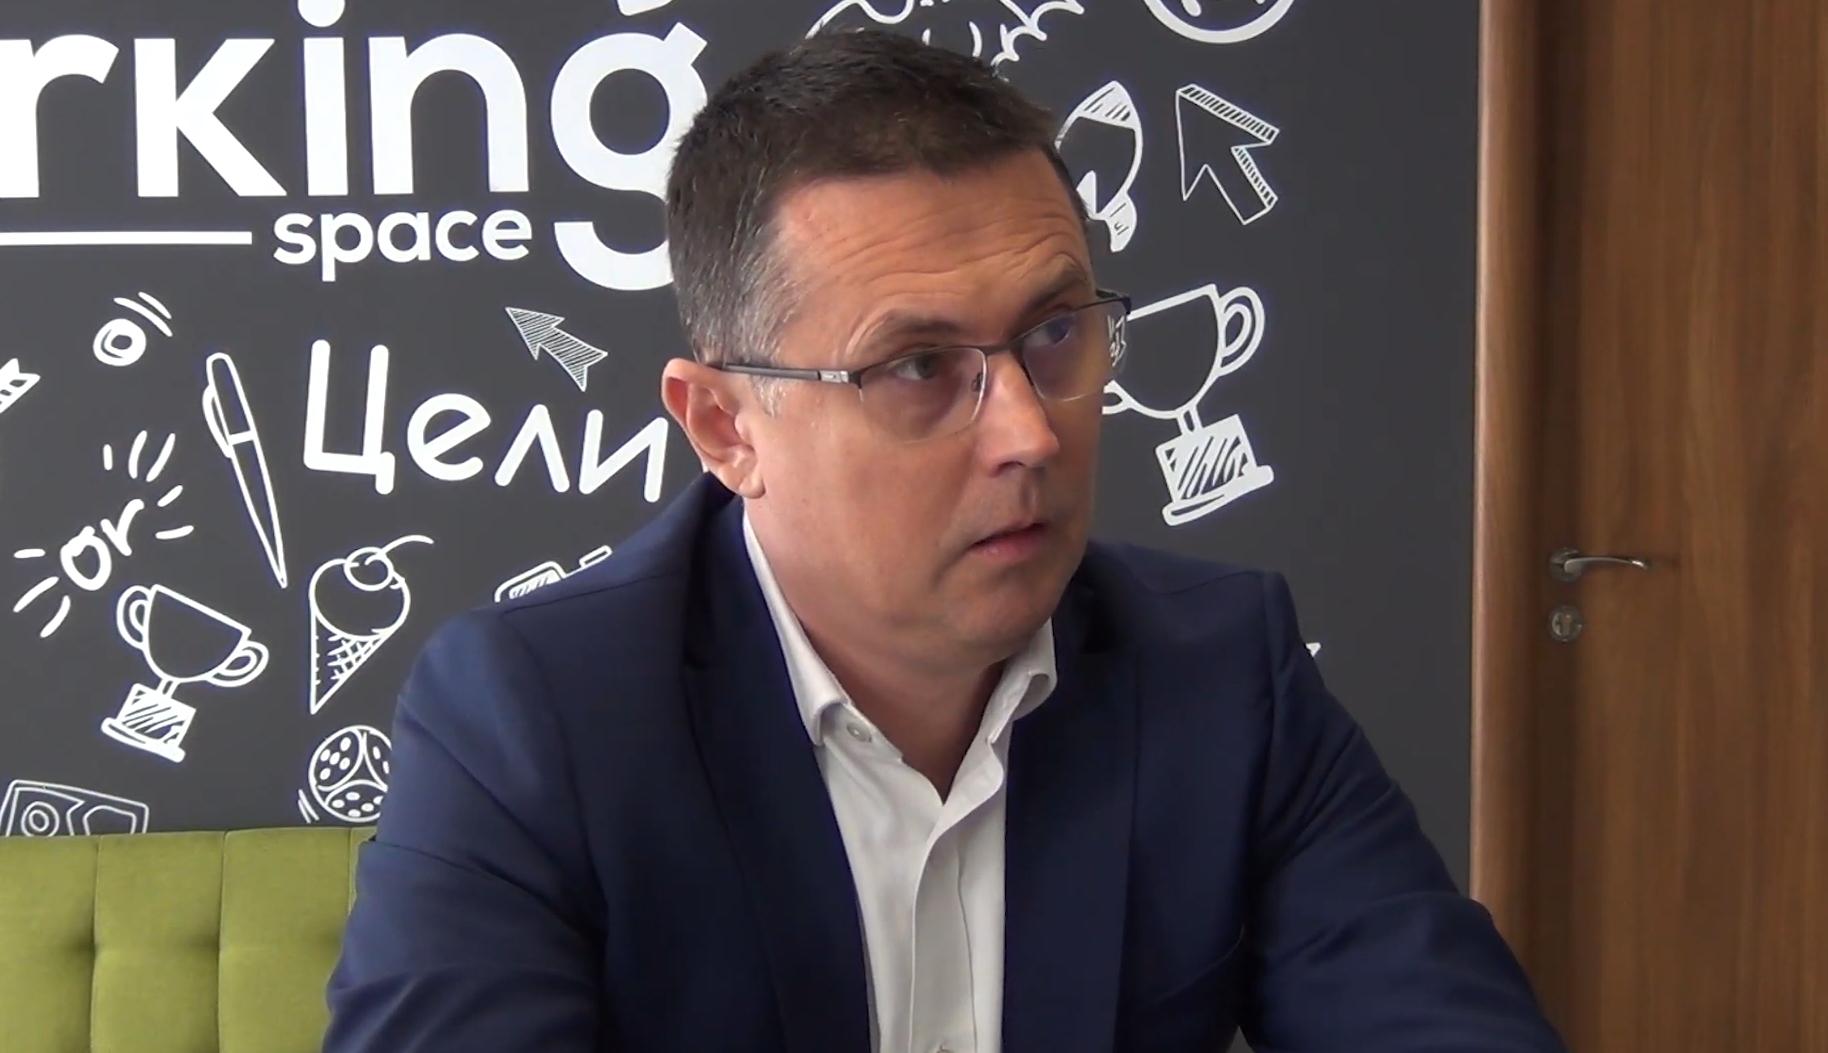 Иво Пенчев: Колеги от БСП, моля Ви, вразумете се!